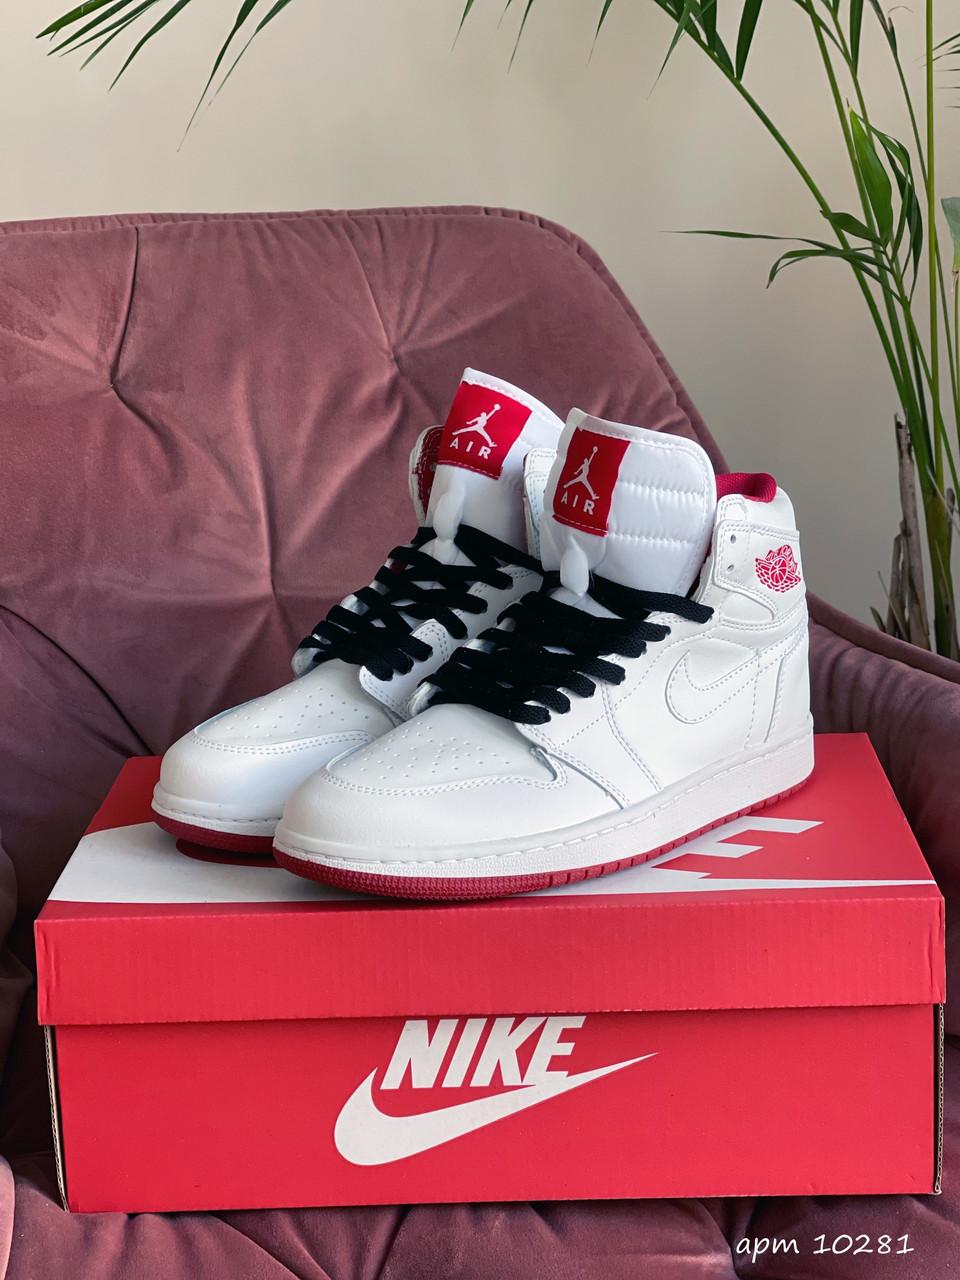 Баскетбольные кроссовки Nike Air Jordan, белые / подростковые кроссовки Найк аир джордан (Топ реплика ААА+)